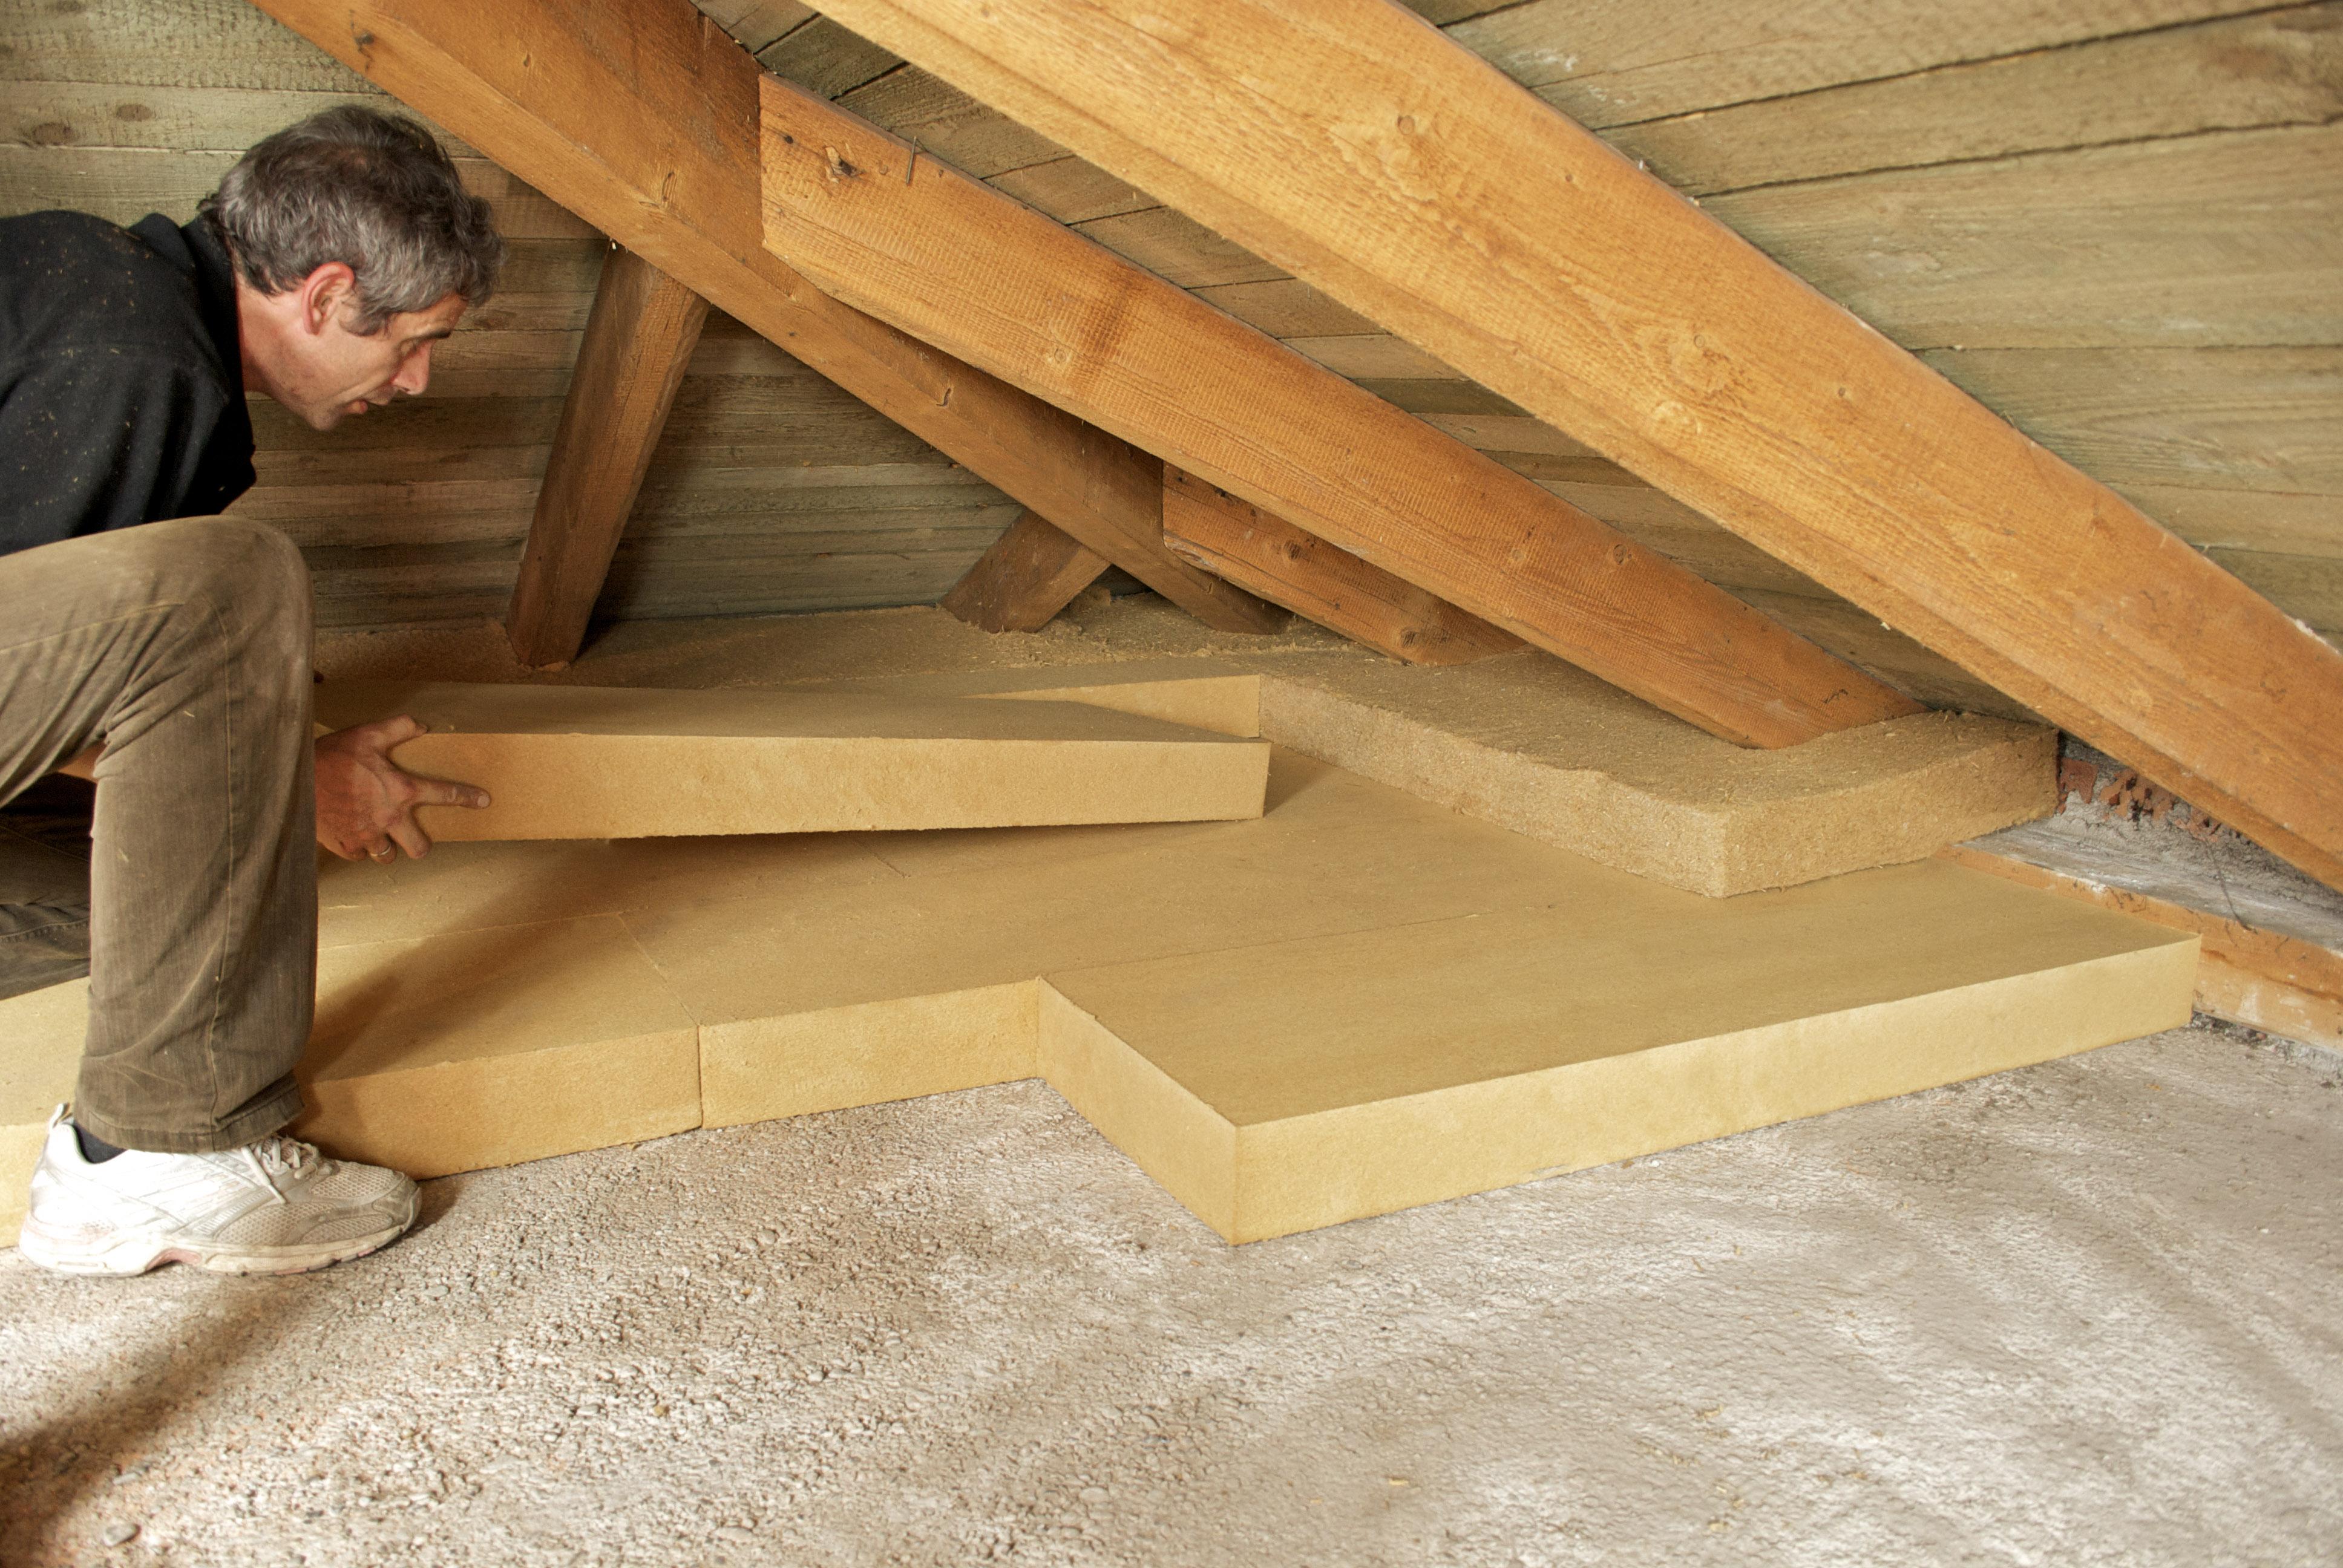 Правильно утепляем крышу дома своими руками, подробное руководство